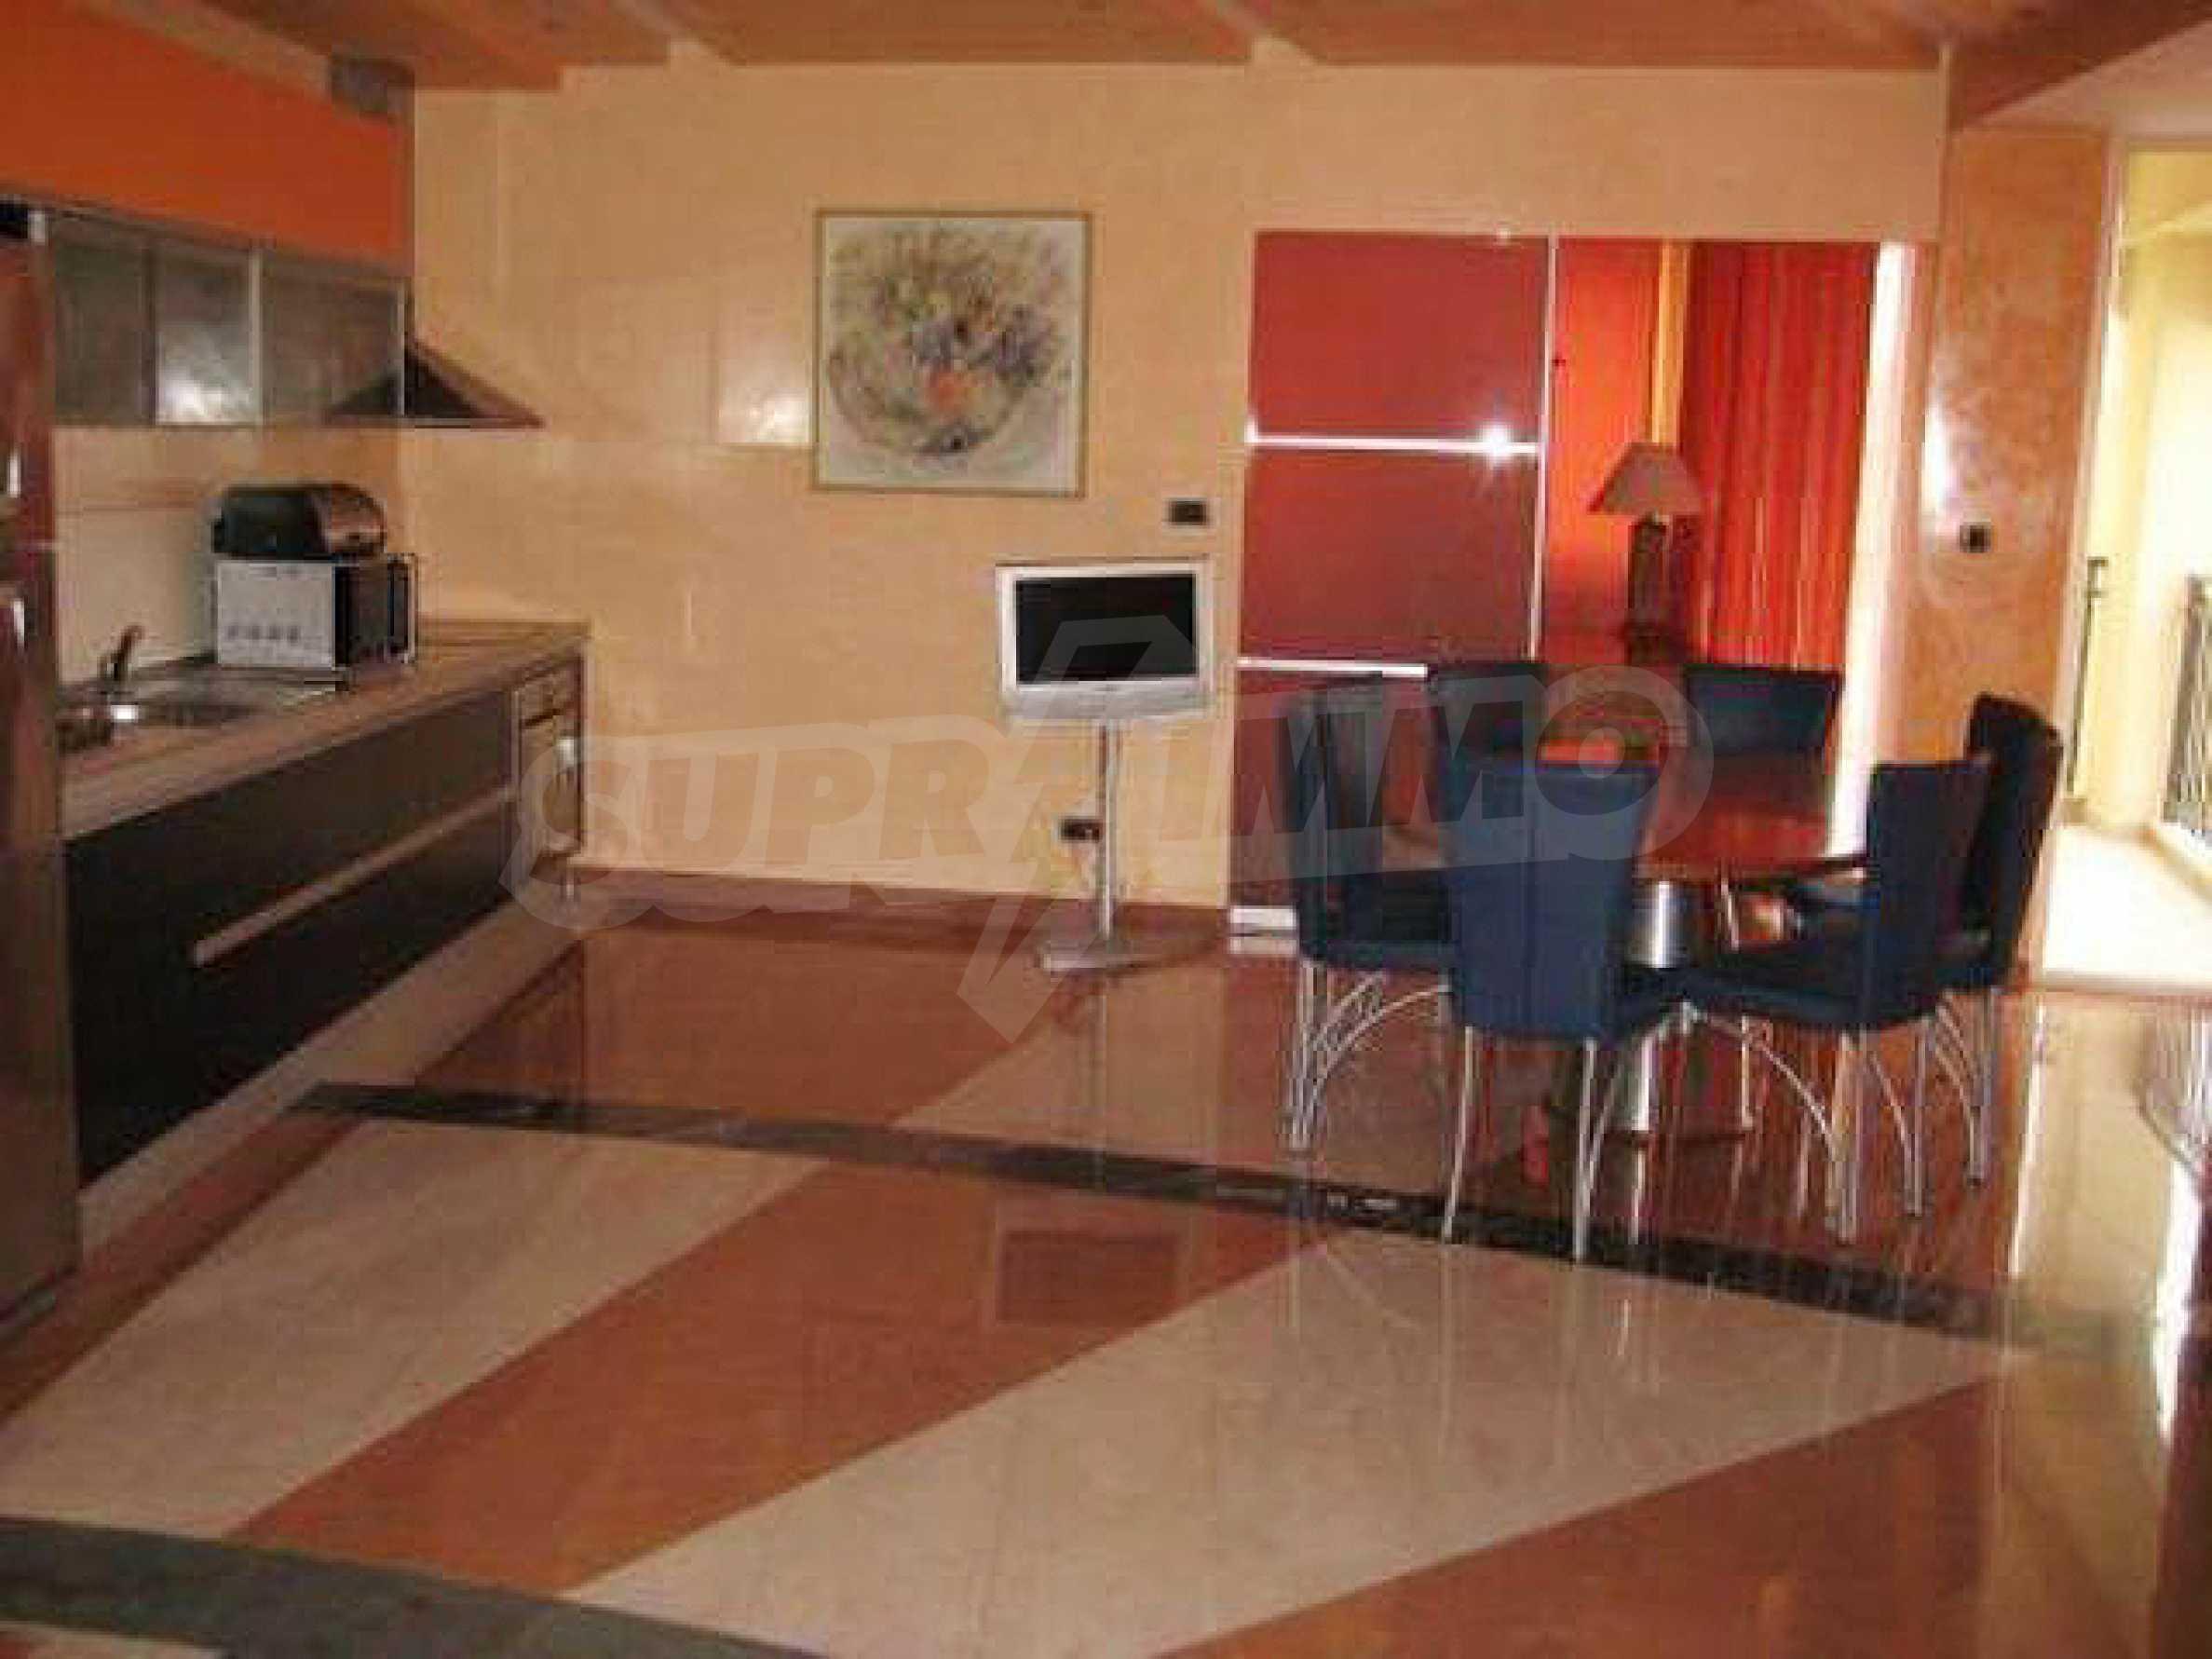 3 bedroom apartment in Golden Sands 2